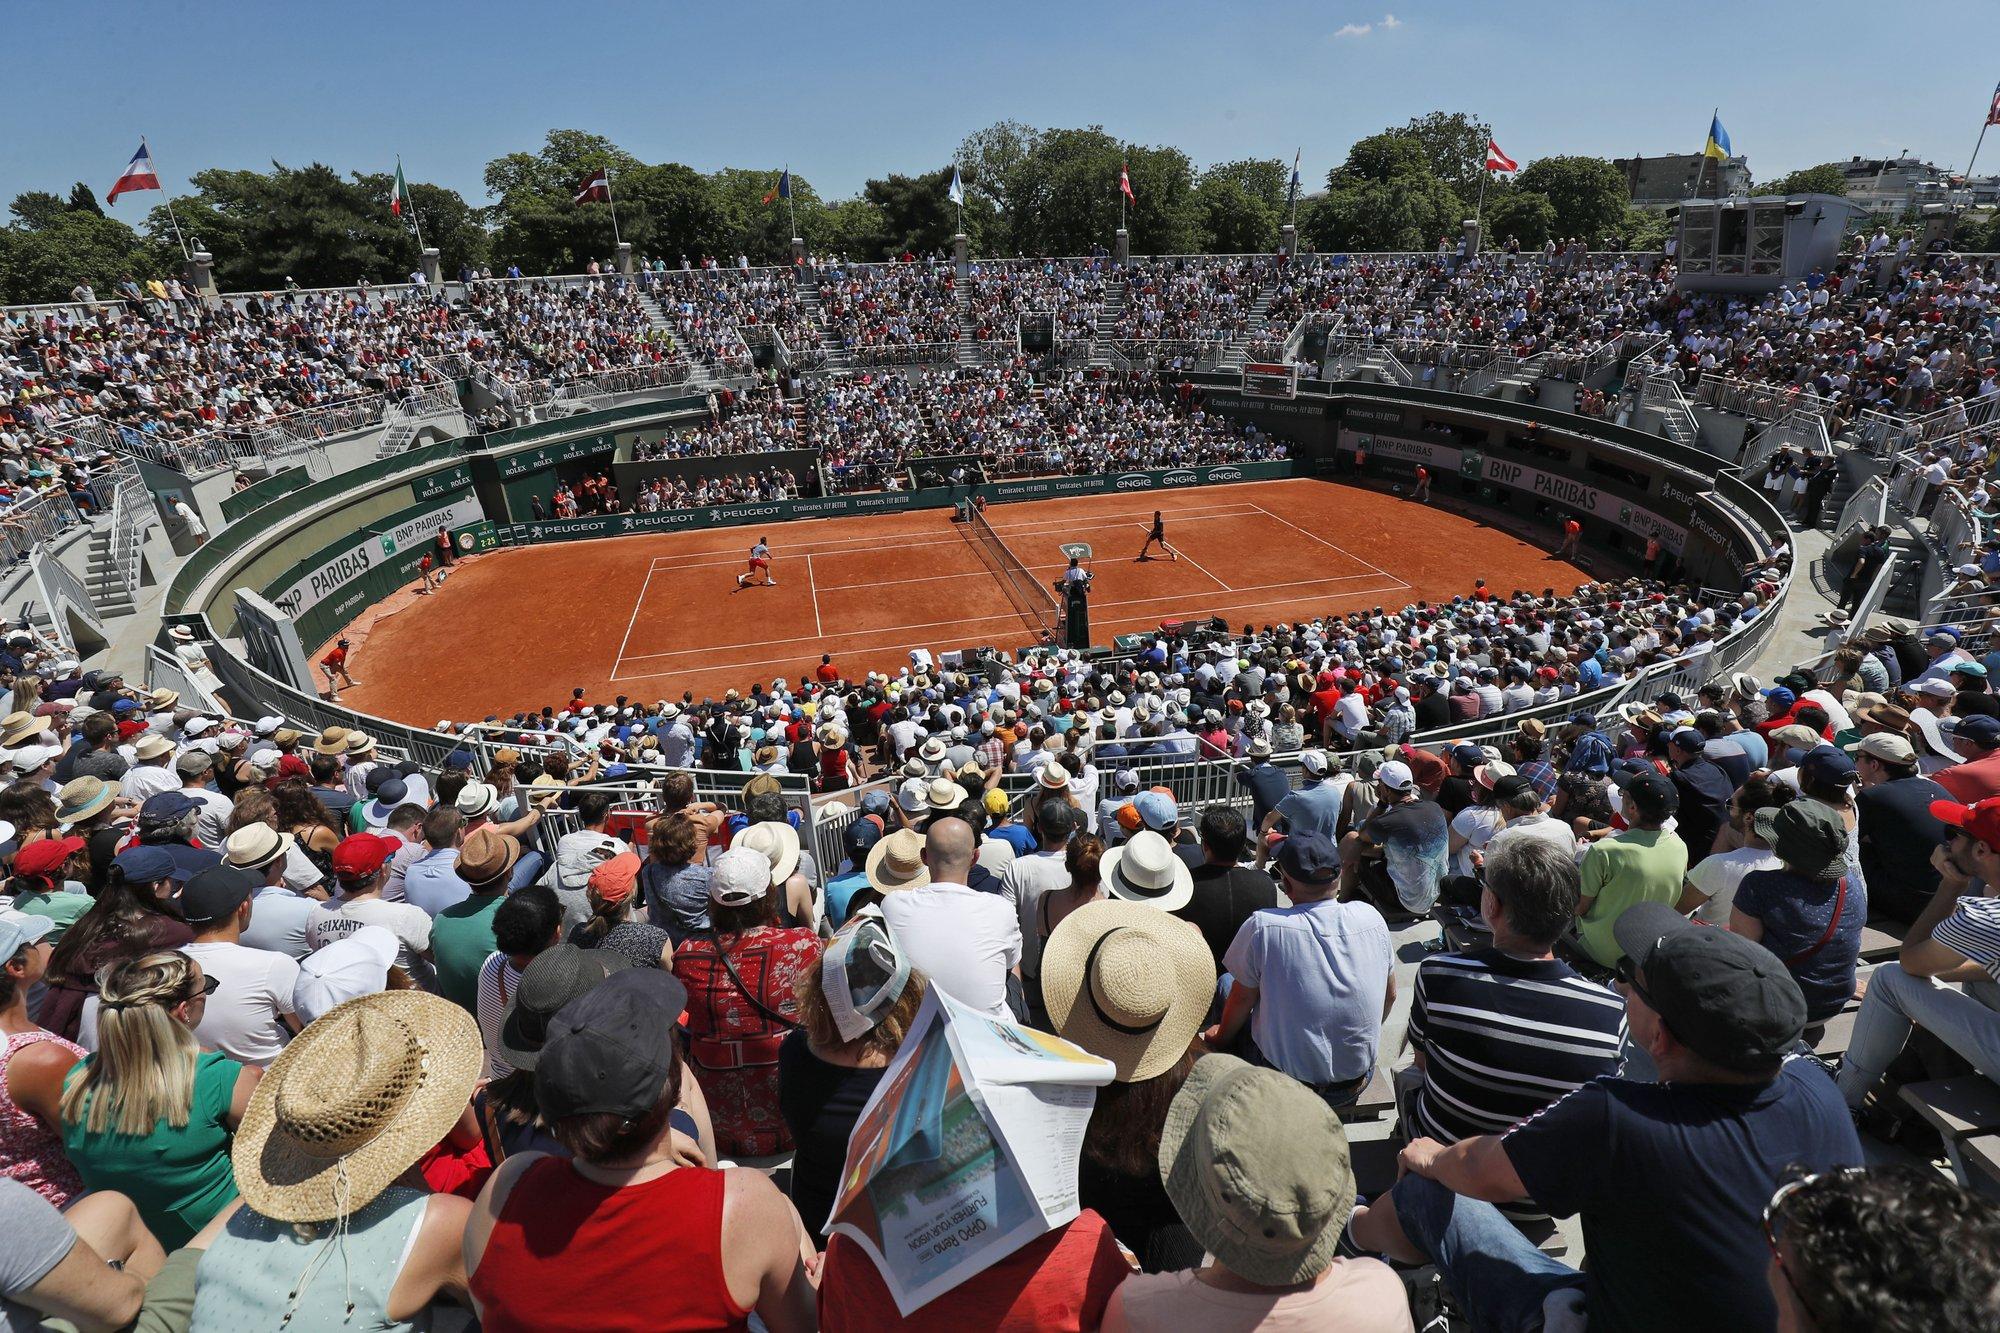 An appreciation: French Open bids adieu to its 'Bullring'